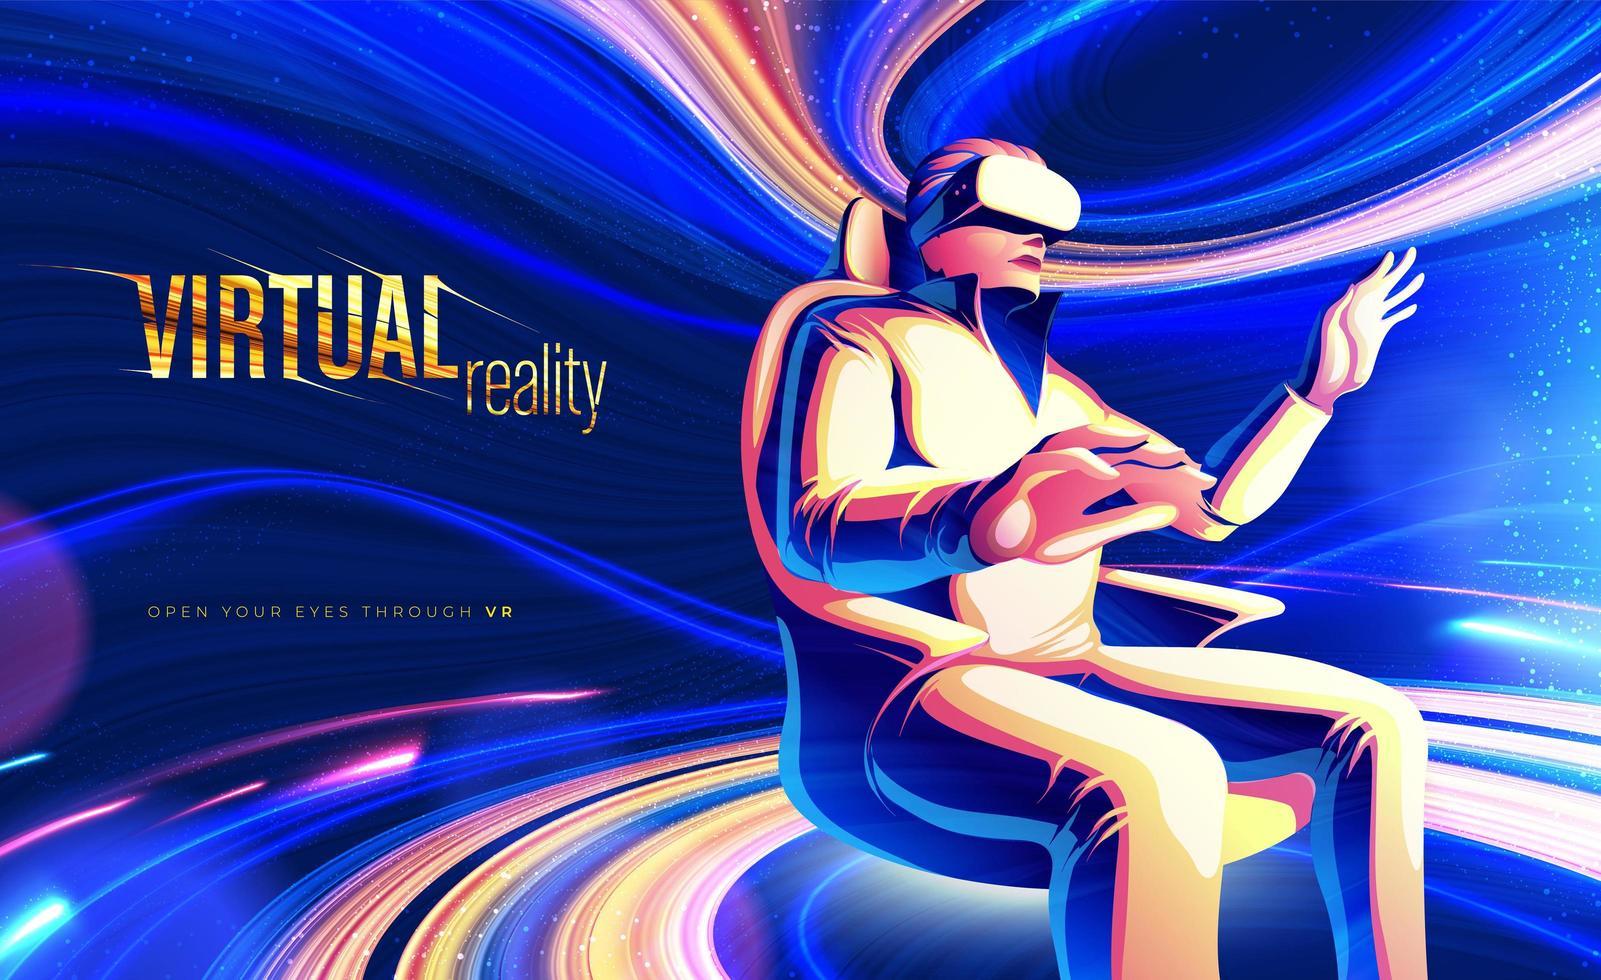 diseño de tema de realidad virtual vector